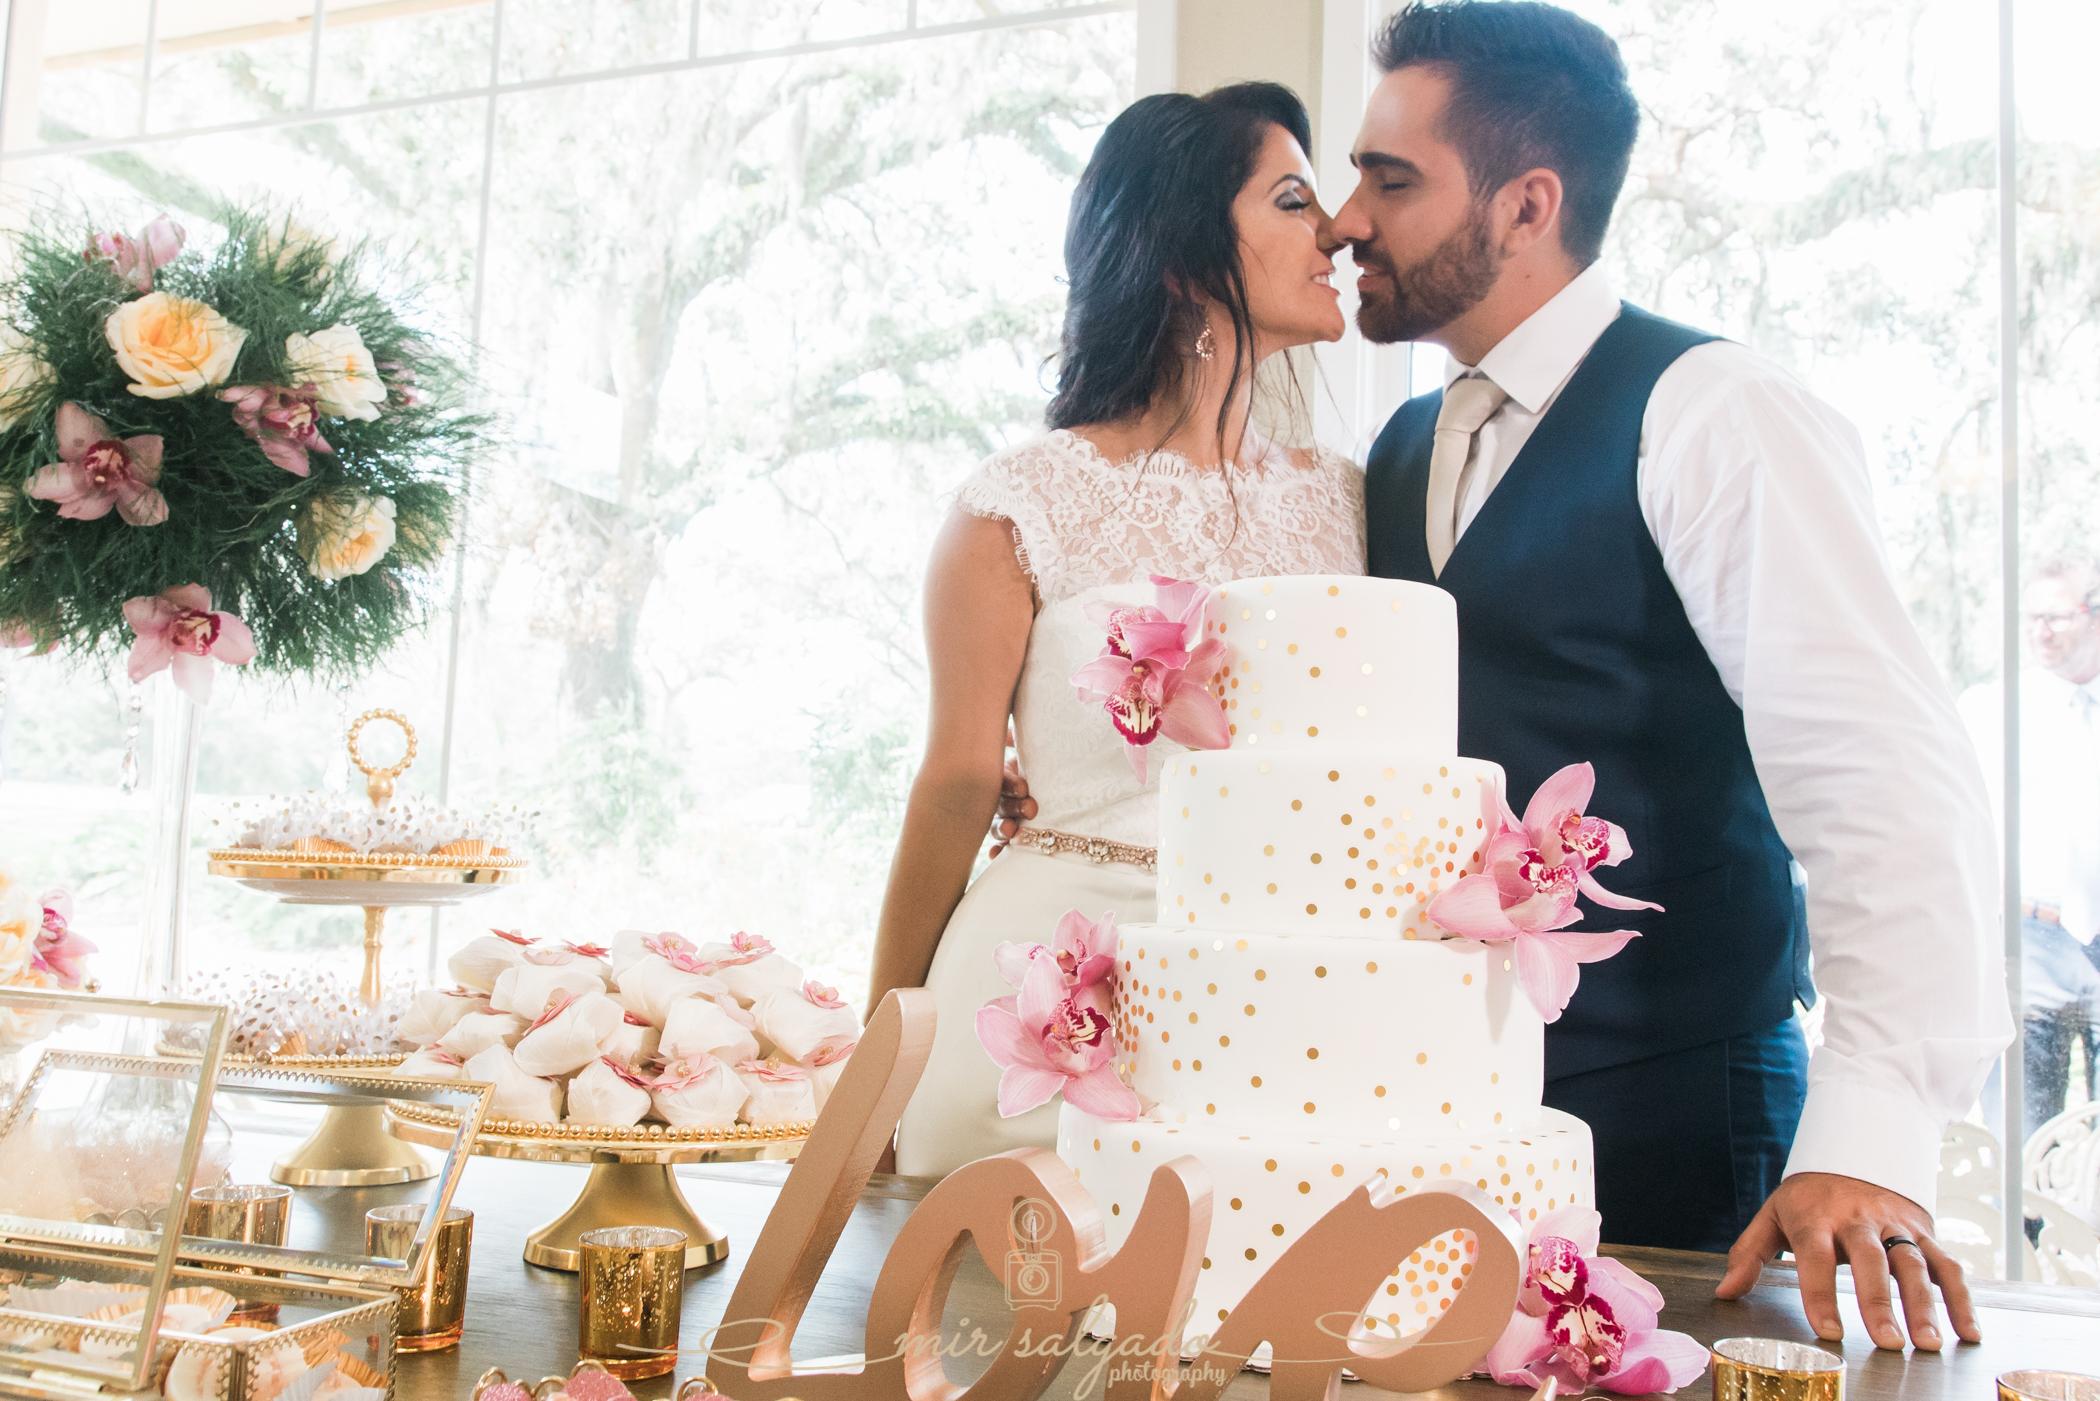 Bok-tower-gardens-wedding, cutting-cake-photo, Tampa-wedidng